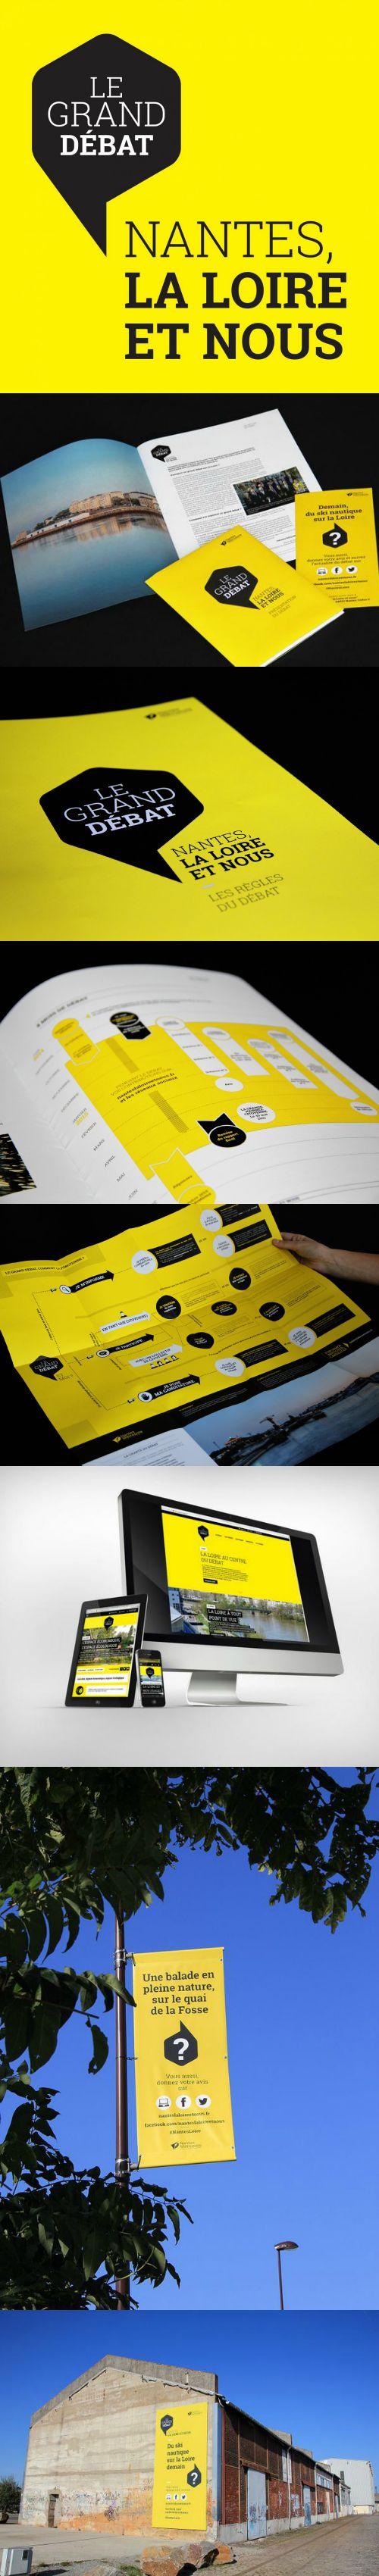 Métropole | Grand Débat | com publique | campagne | 2014 | création | identité | communication | conception | déploiement |